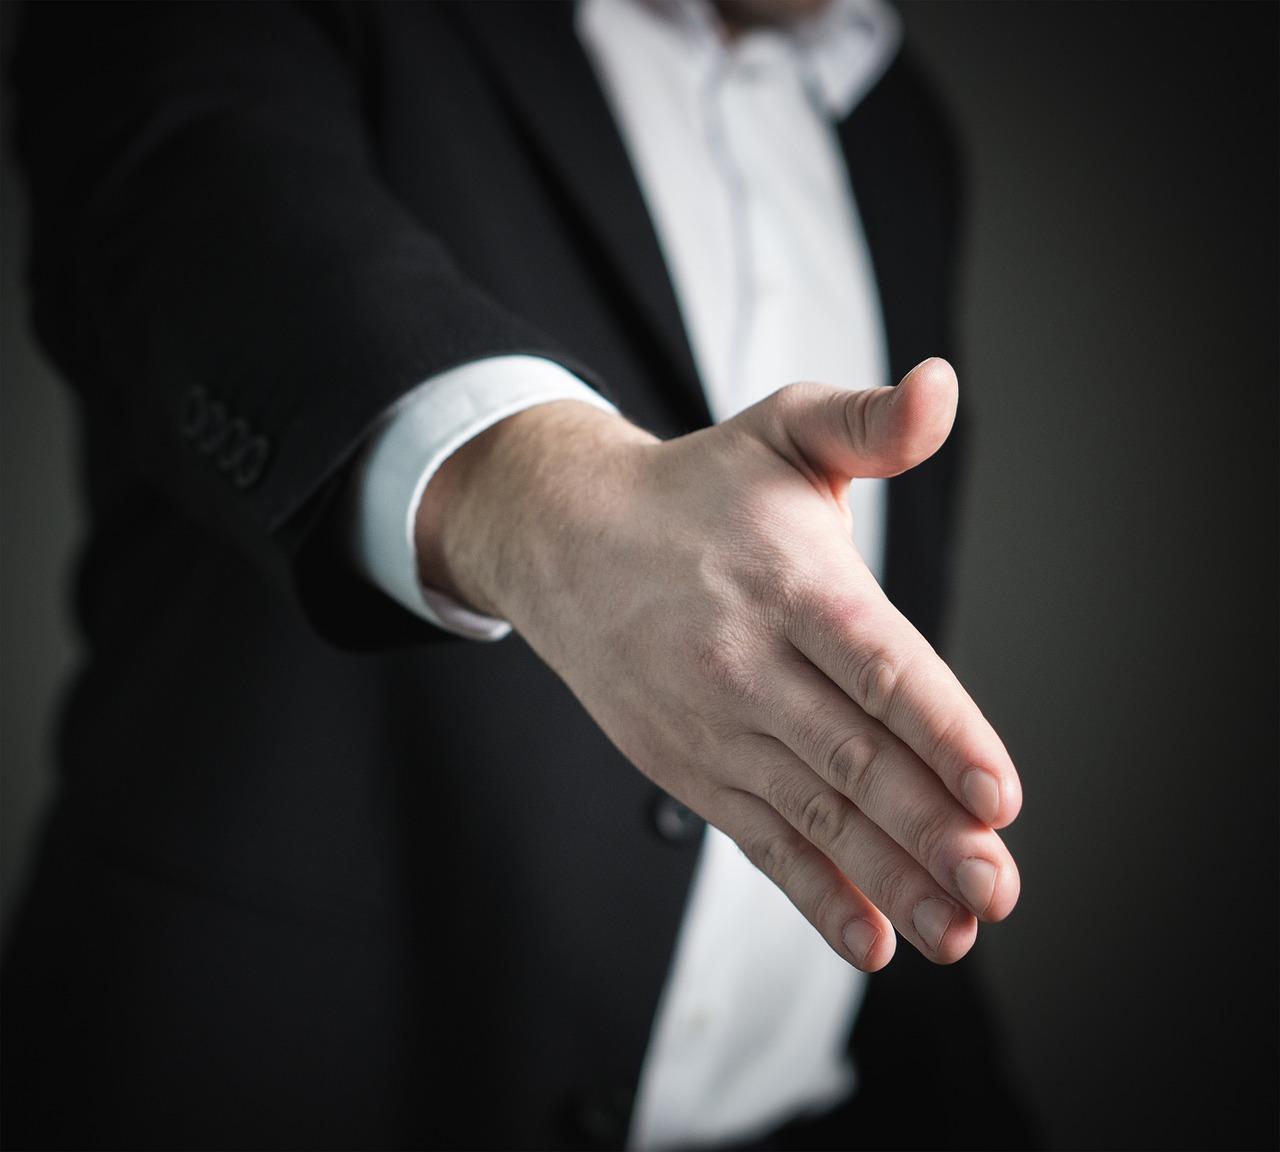 Pôle Emploi : vers 4000 suppressions d'emplois ?